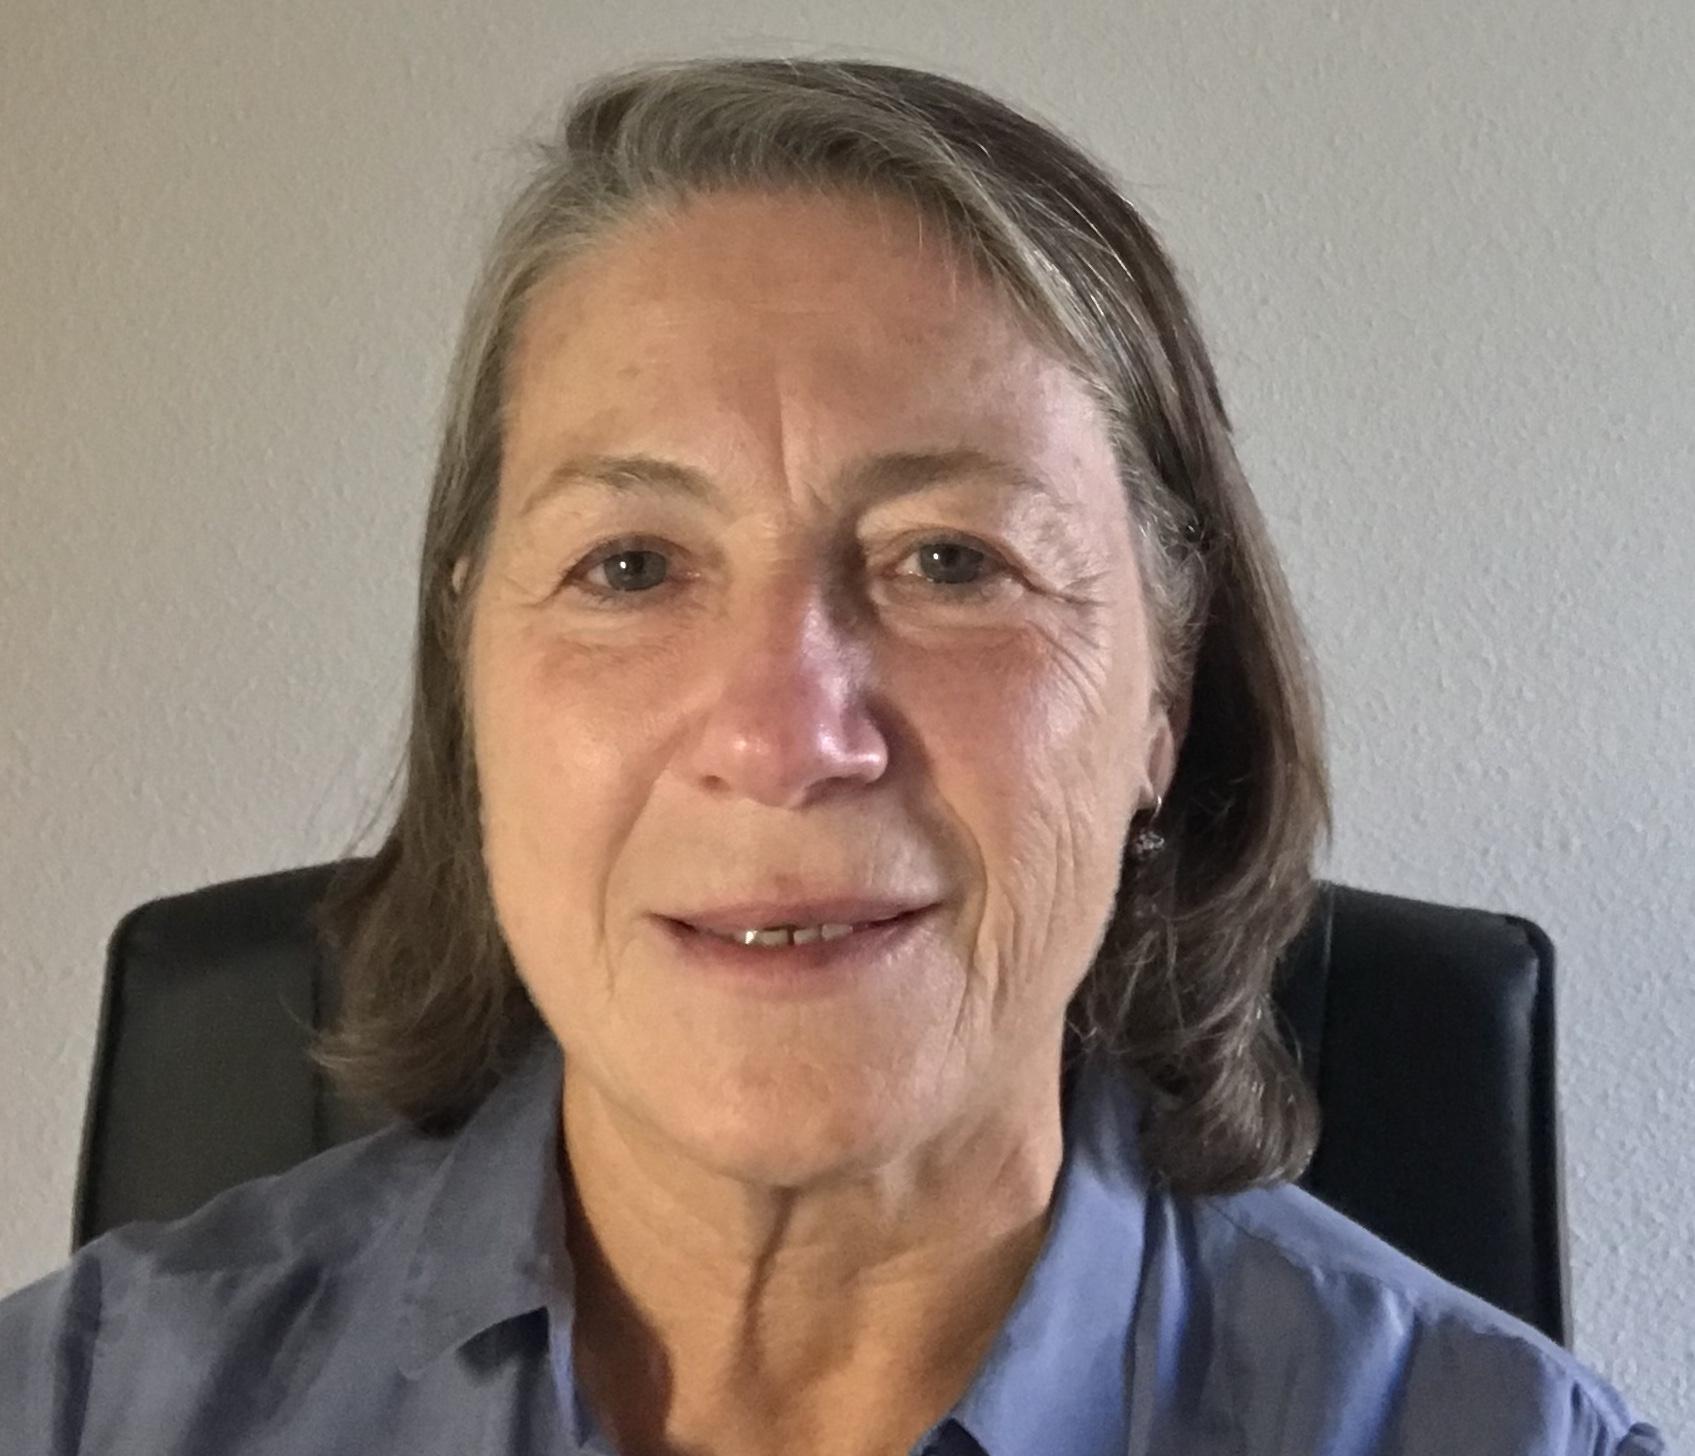 María José Pariente Aguirre